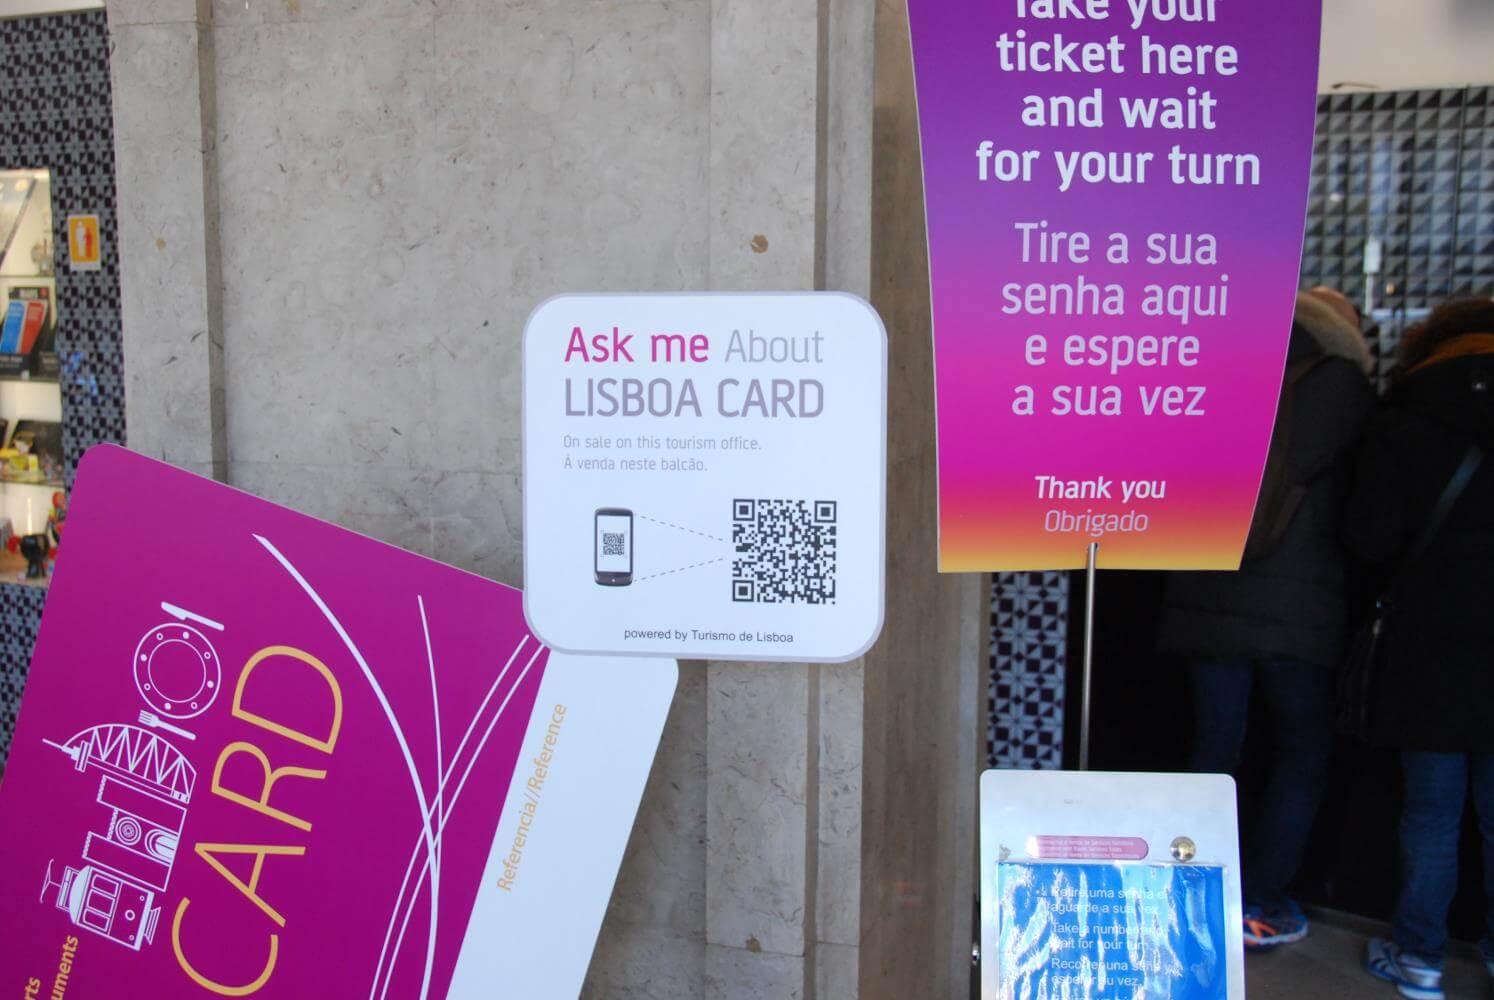 Продажа карт Ask me Lisboa